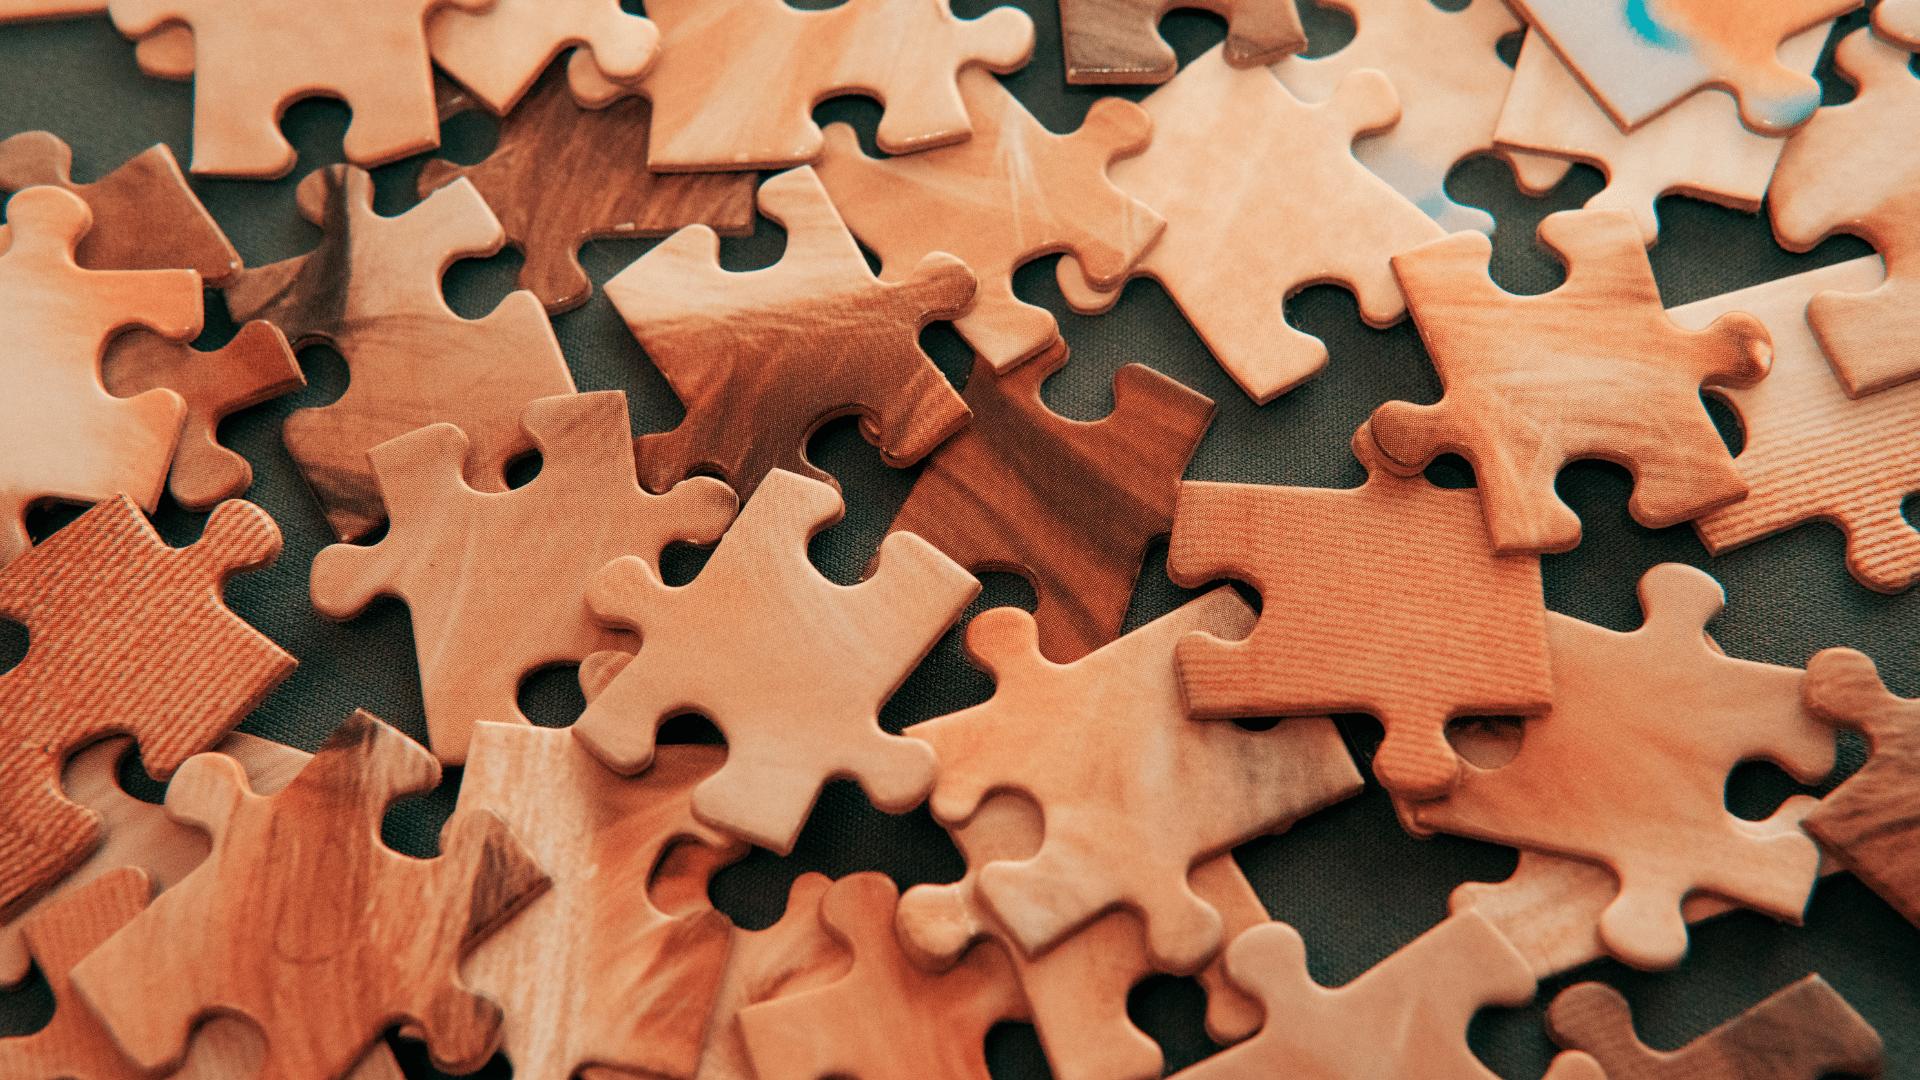 4 puzles y maquetas con los que entretenerte en casa